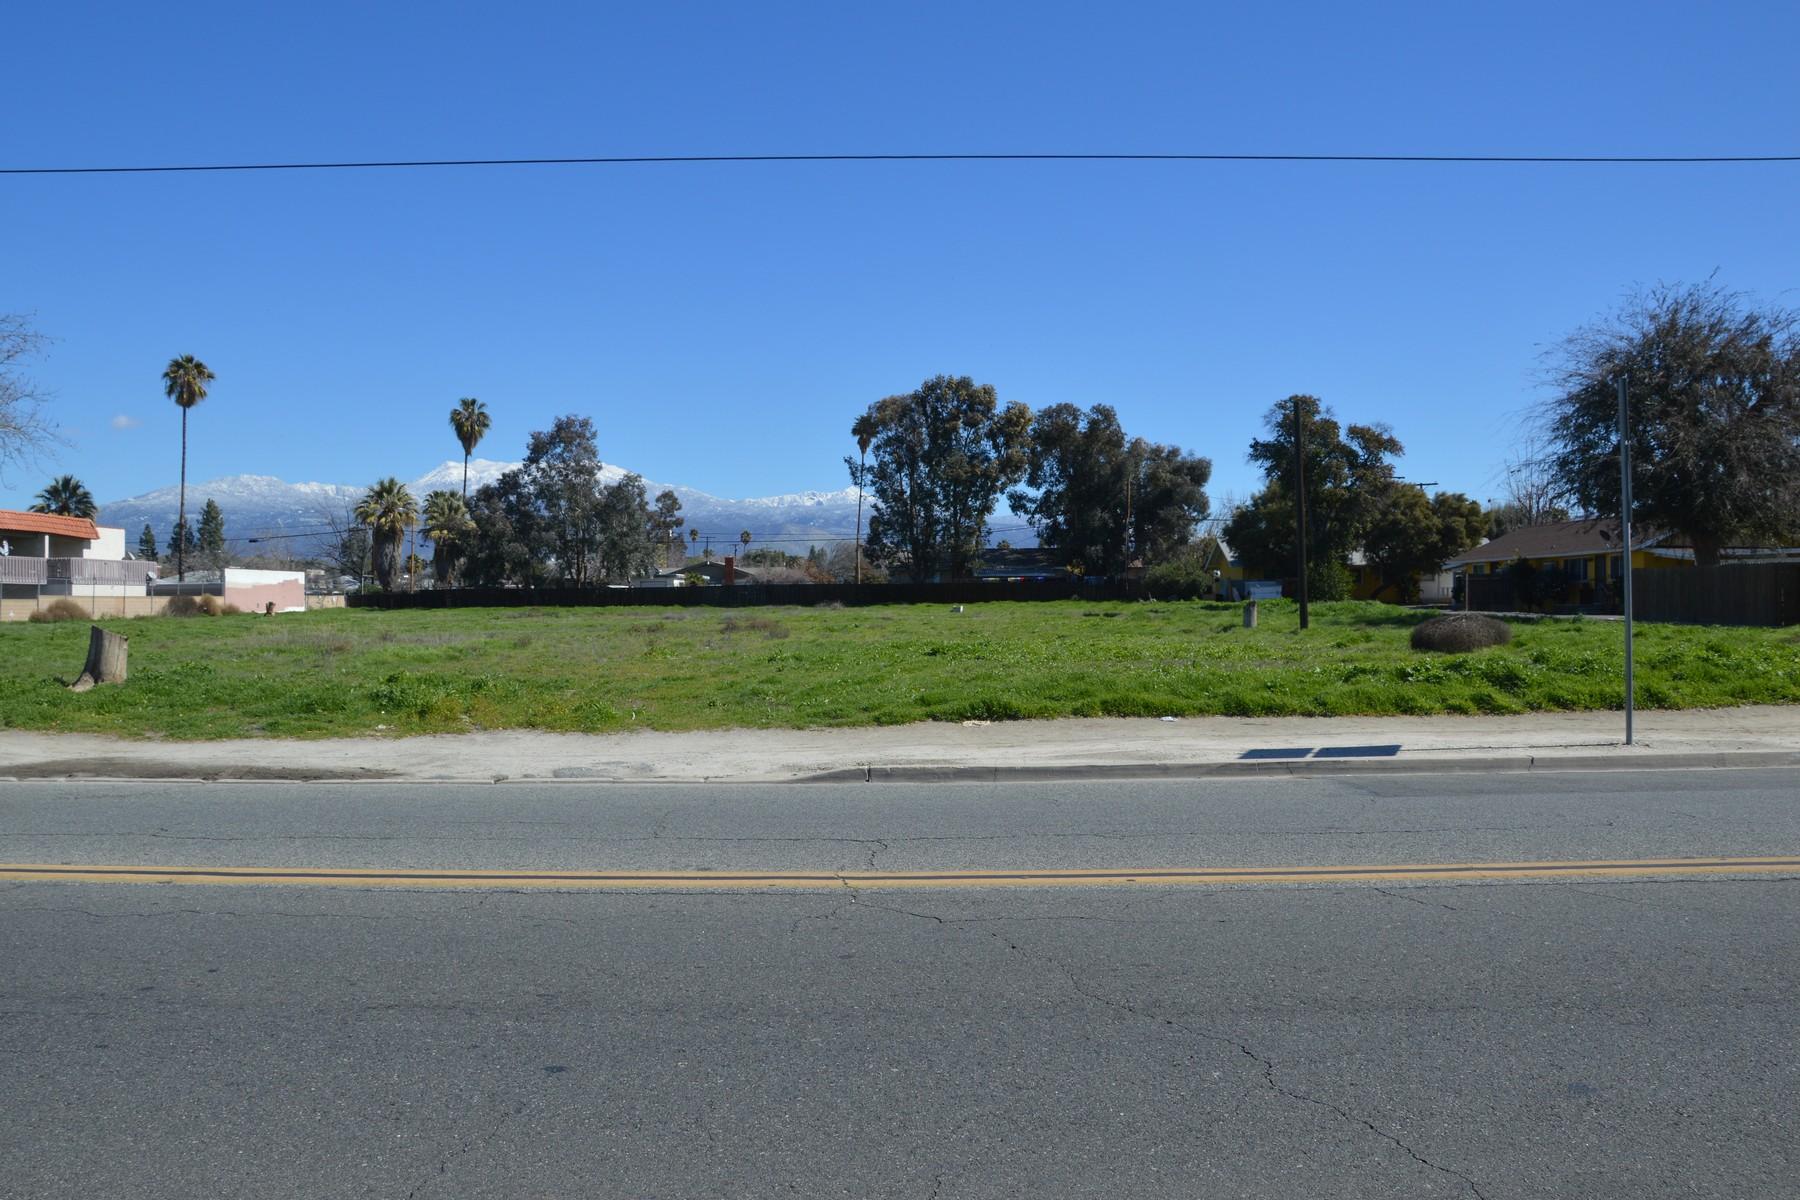 Terreno por un Venta en 160 San Jacinto Street 0 160 San Jacinto St 0 Hemet, California 92543 Estados Unidos